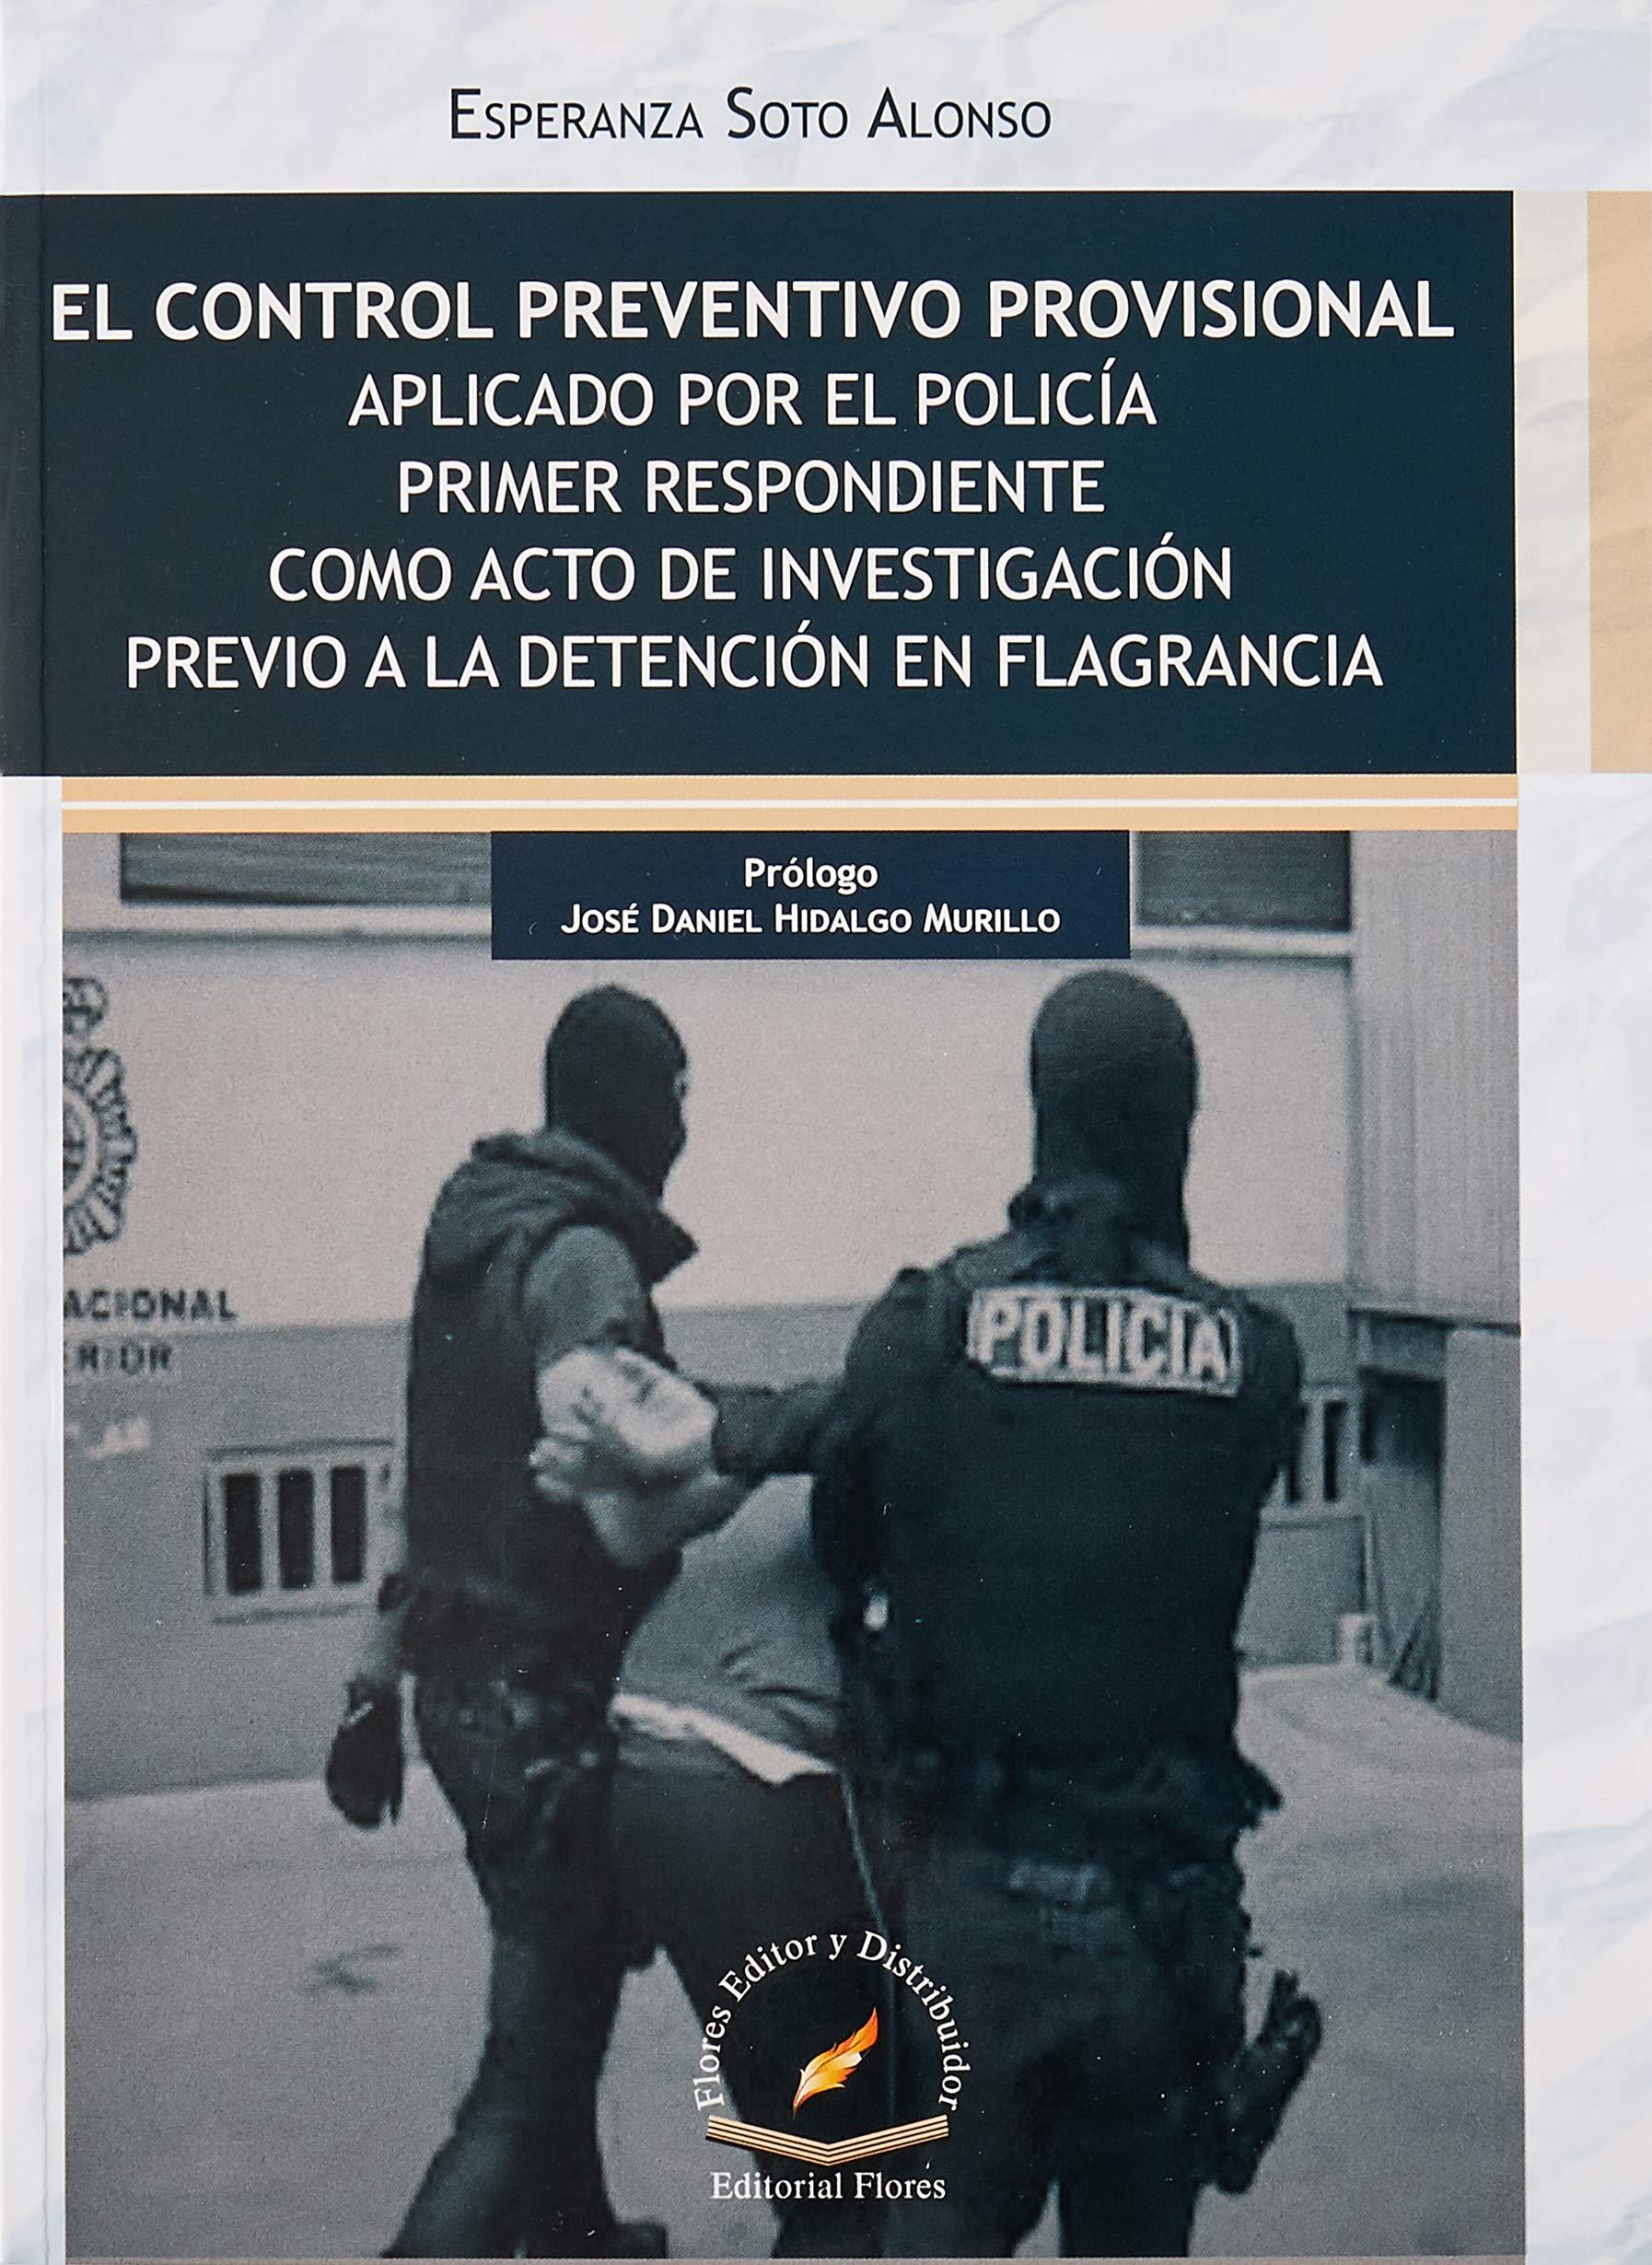 El Control Preventivo Provisional Aplicado Por El Policia Primer